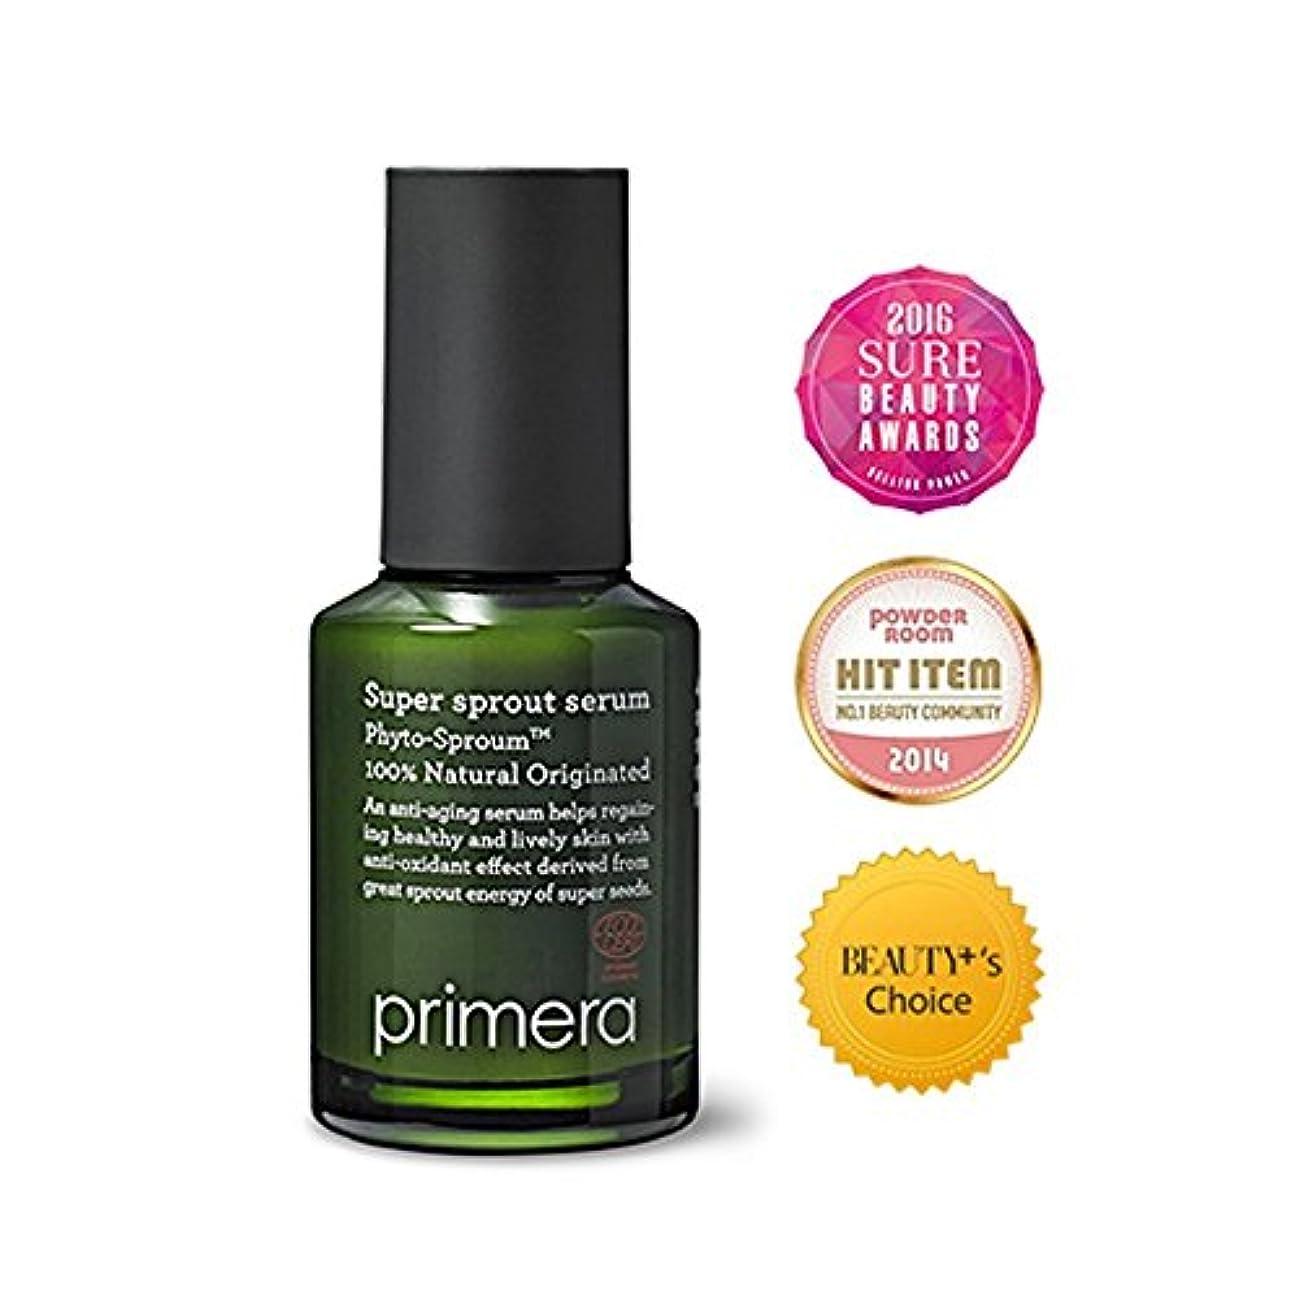 姿勢ハミングバード傷つきやすいPrimera(プリメラ) スーパースプラウトセラム(50ml) /Primera Super Sprout serum(50ml)[海外直送品] [並行輸入品]